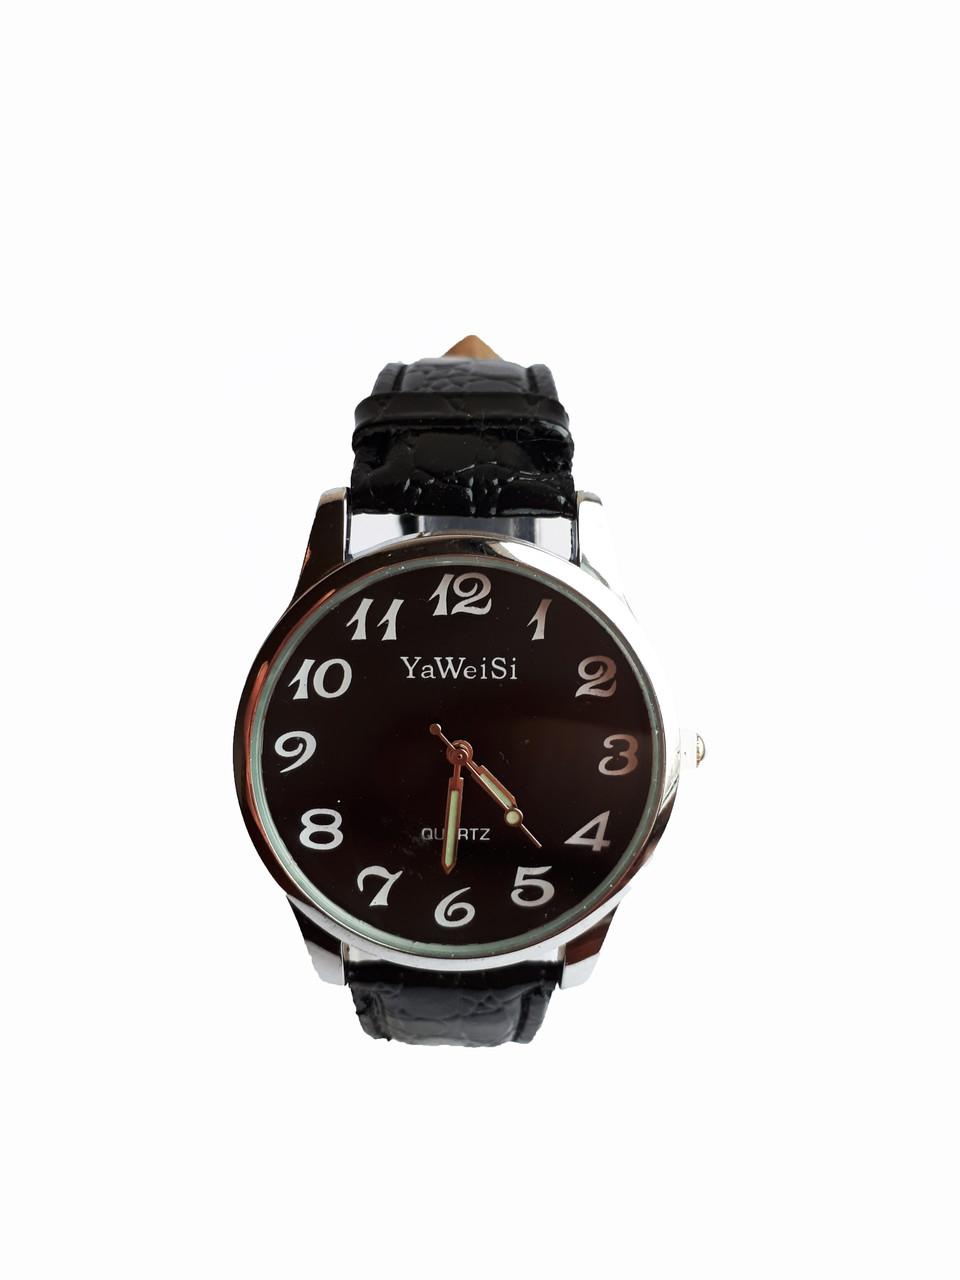 Часы YaWeiSi мужские кварцевые на черном ремешке серебристый, черный